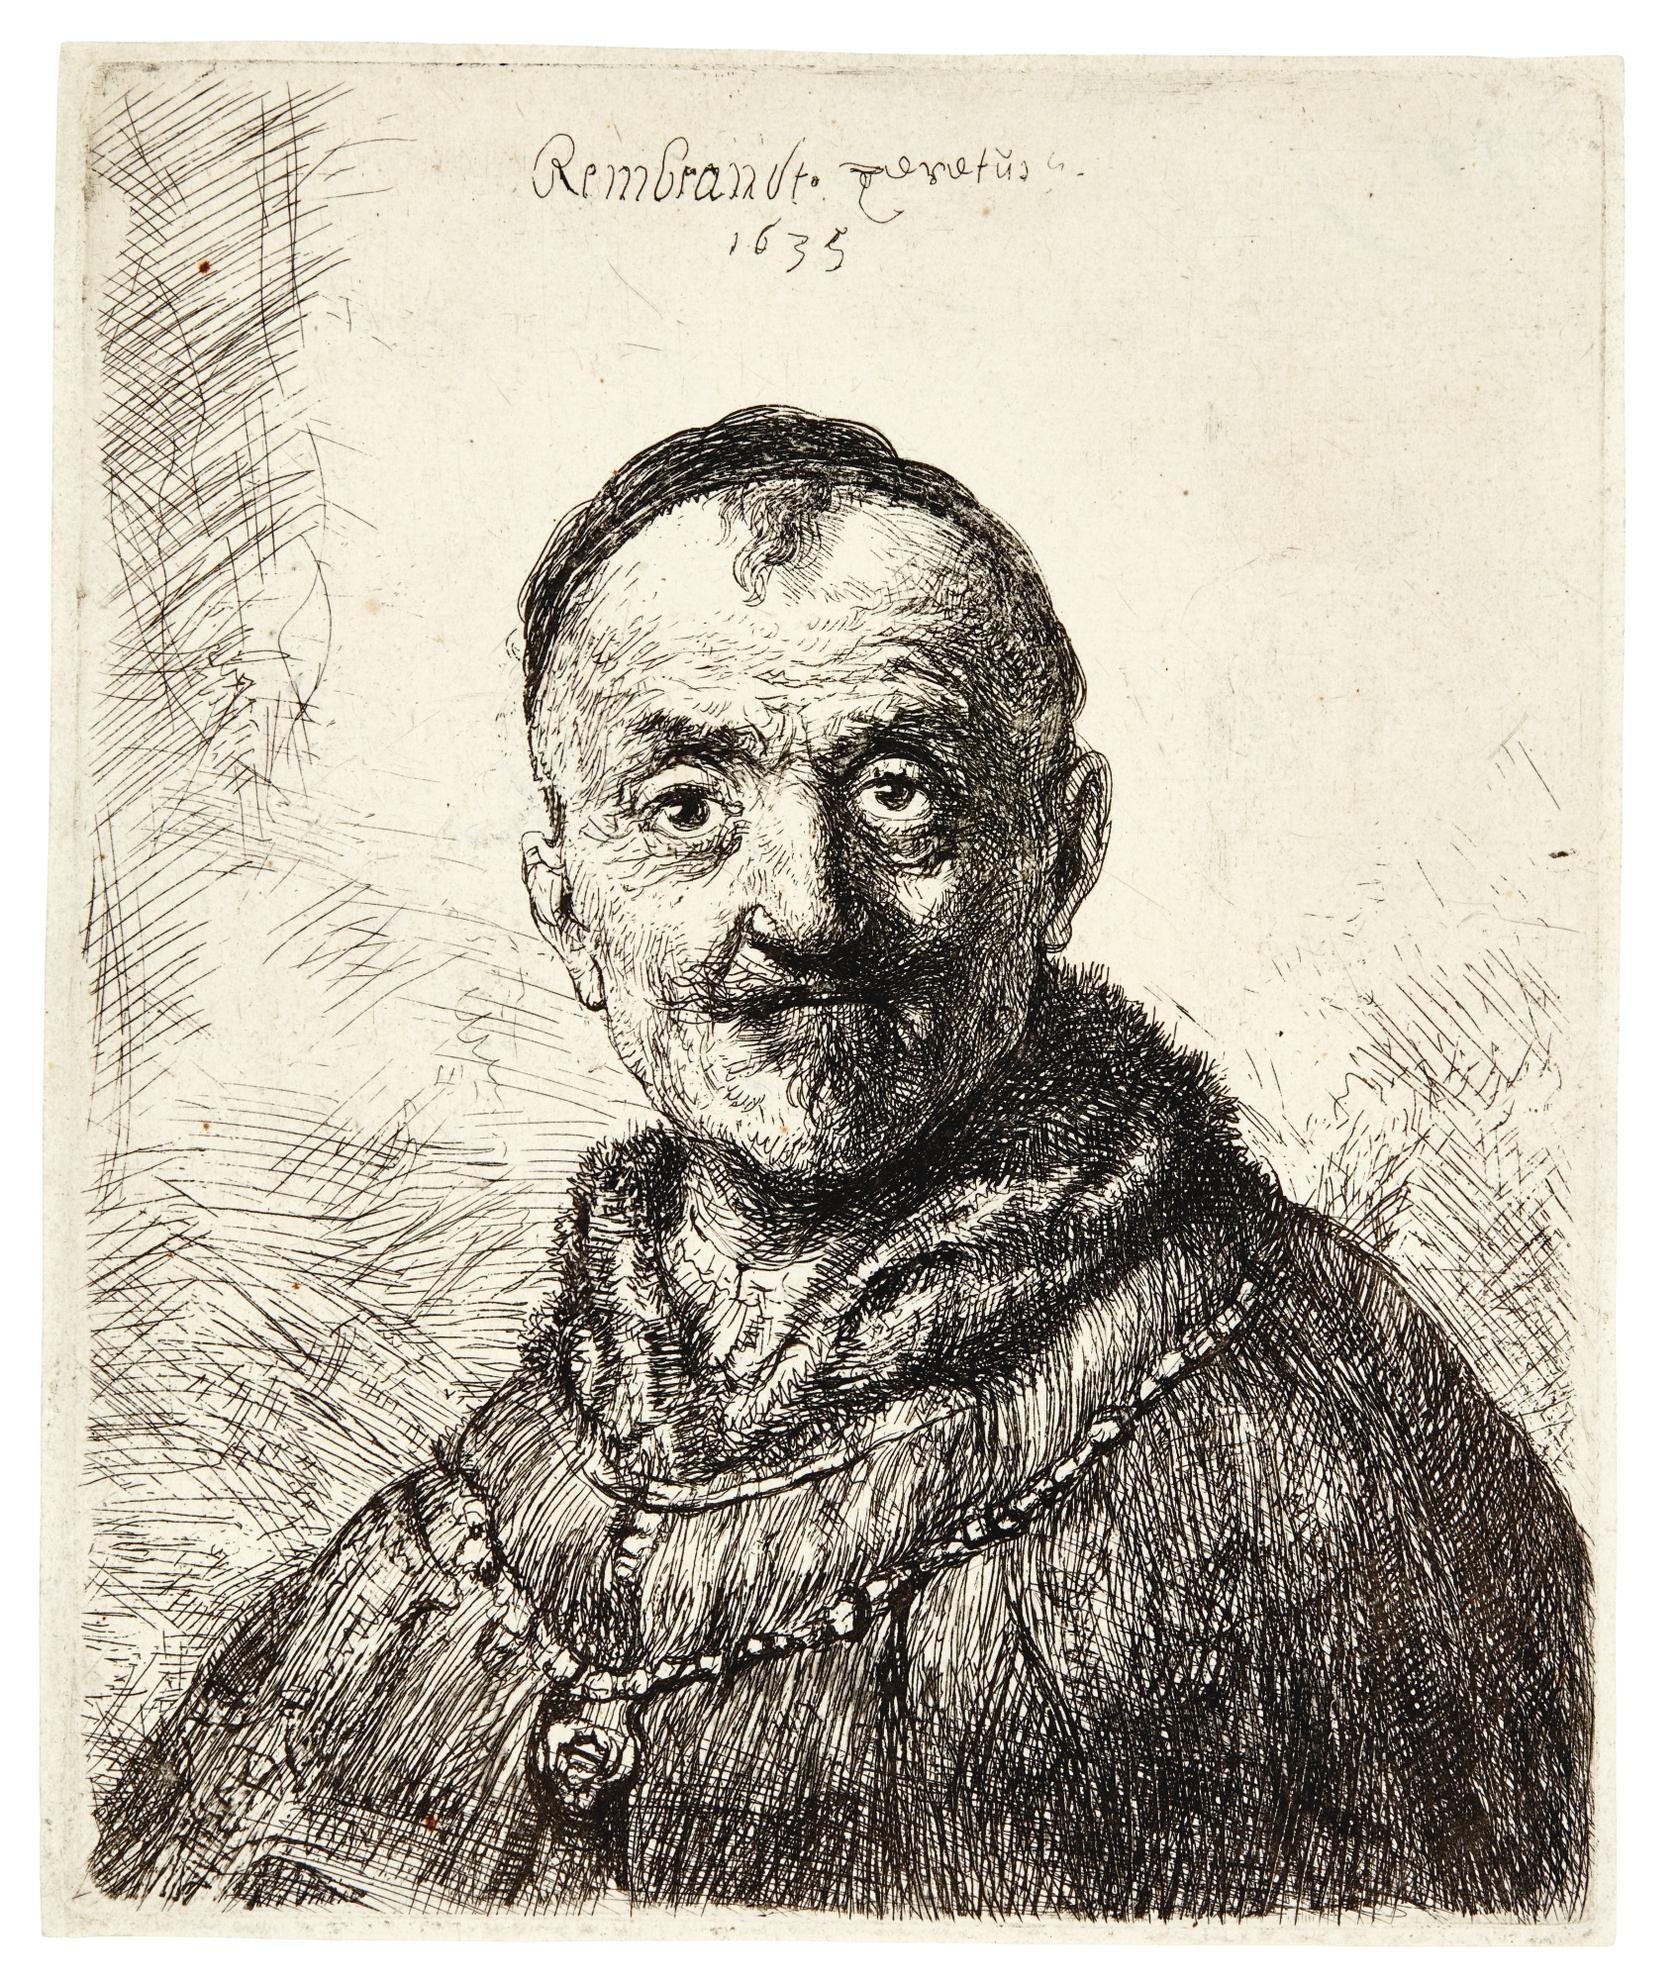 Rembrandt van Rijn-The First Oriental Head (B., Holl. 286; New Holl. 149; H. 131)-1635